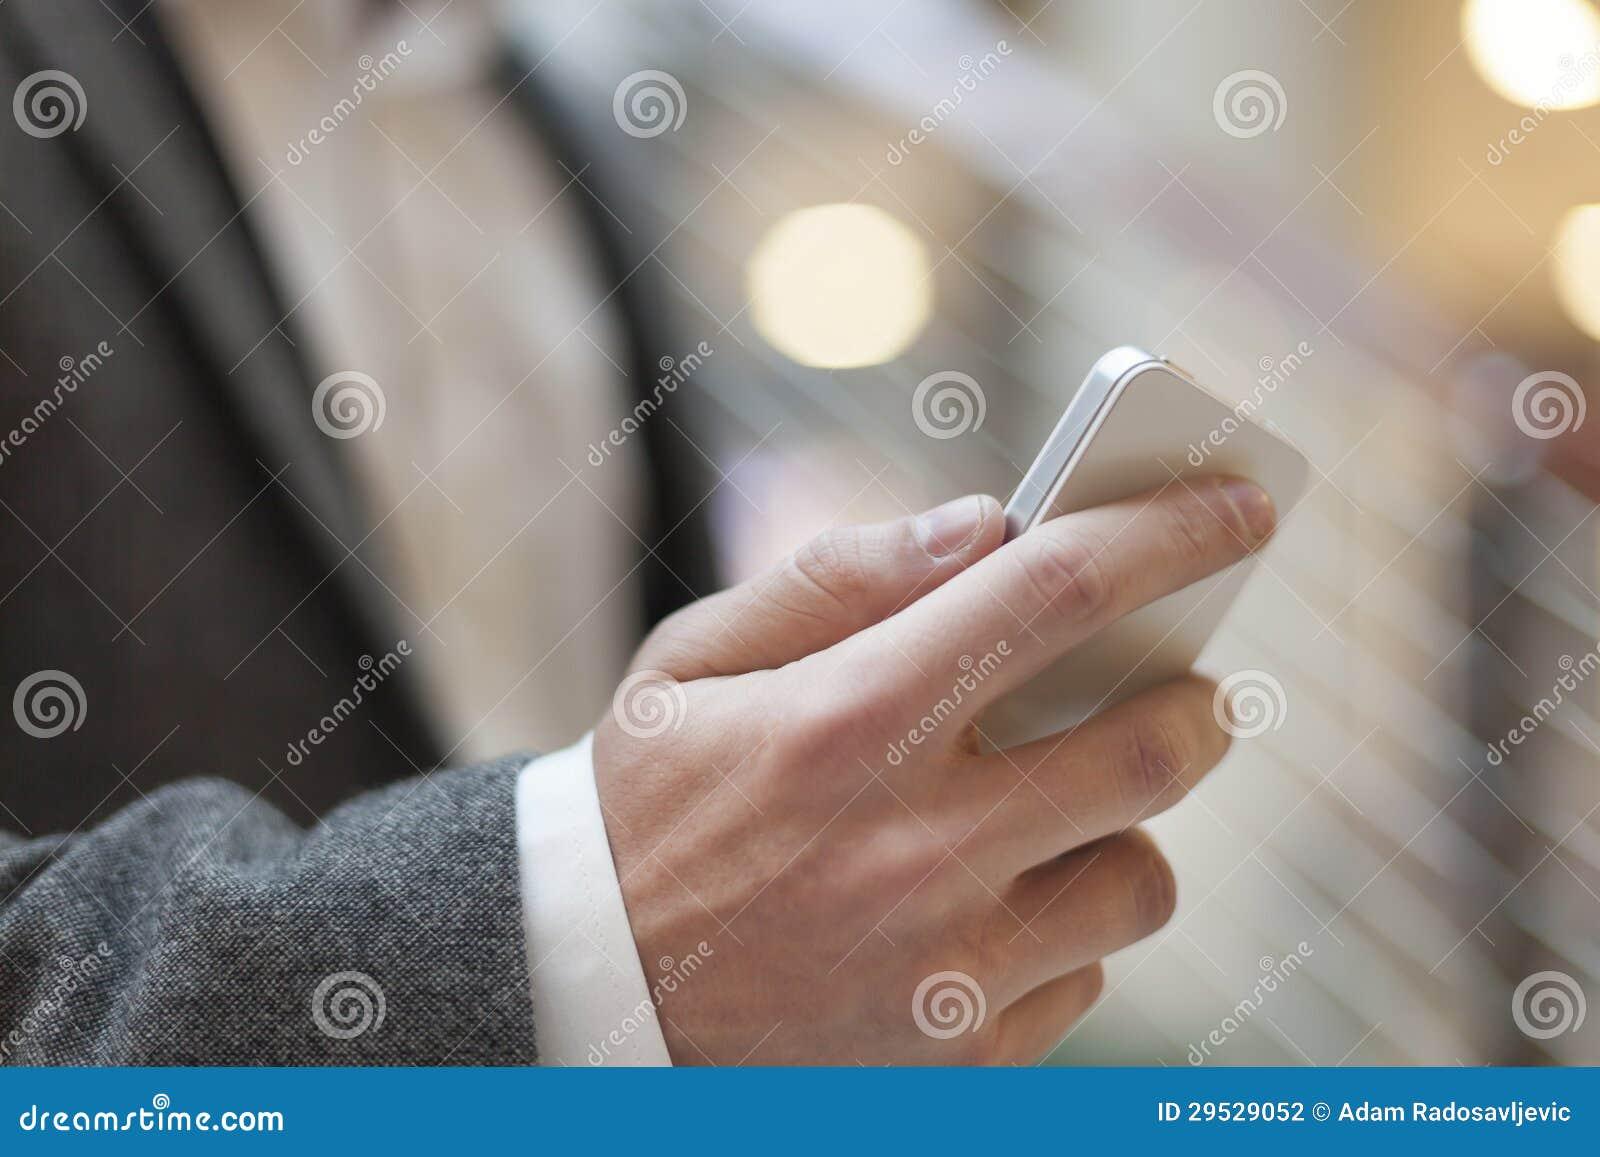 Smartphone - telemóvel móvel à disposição